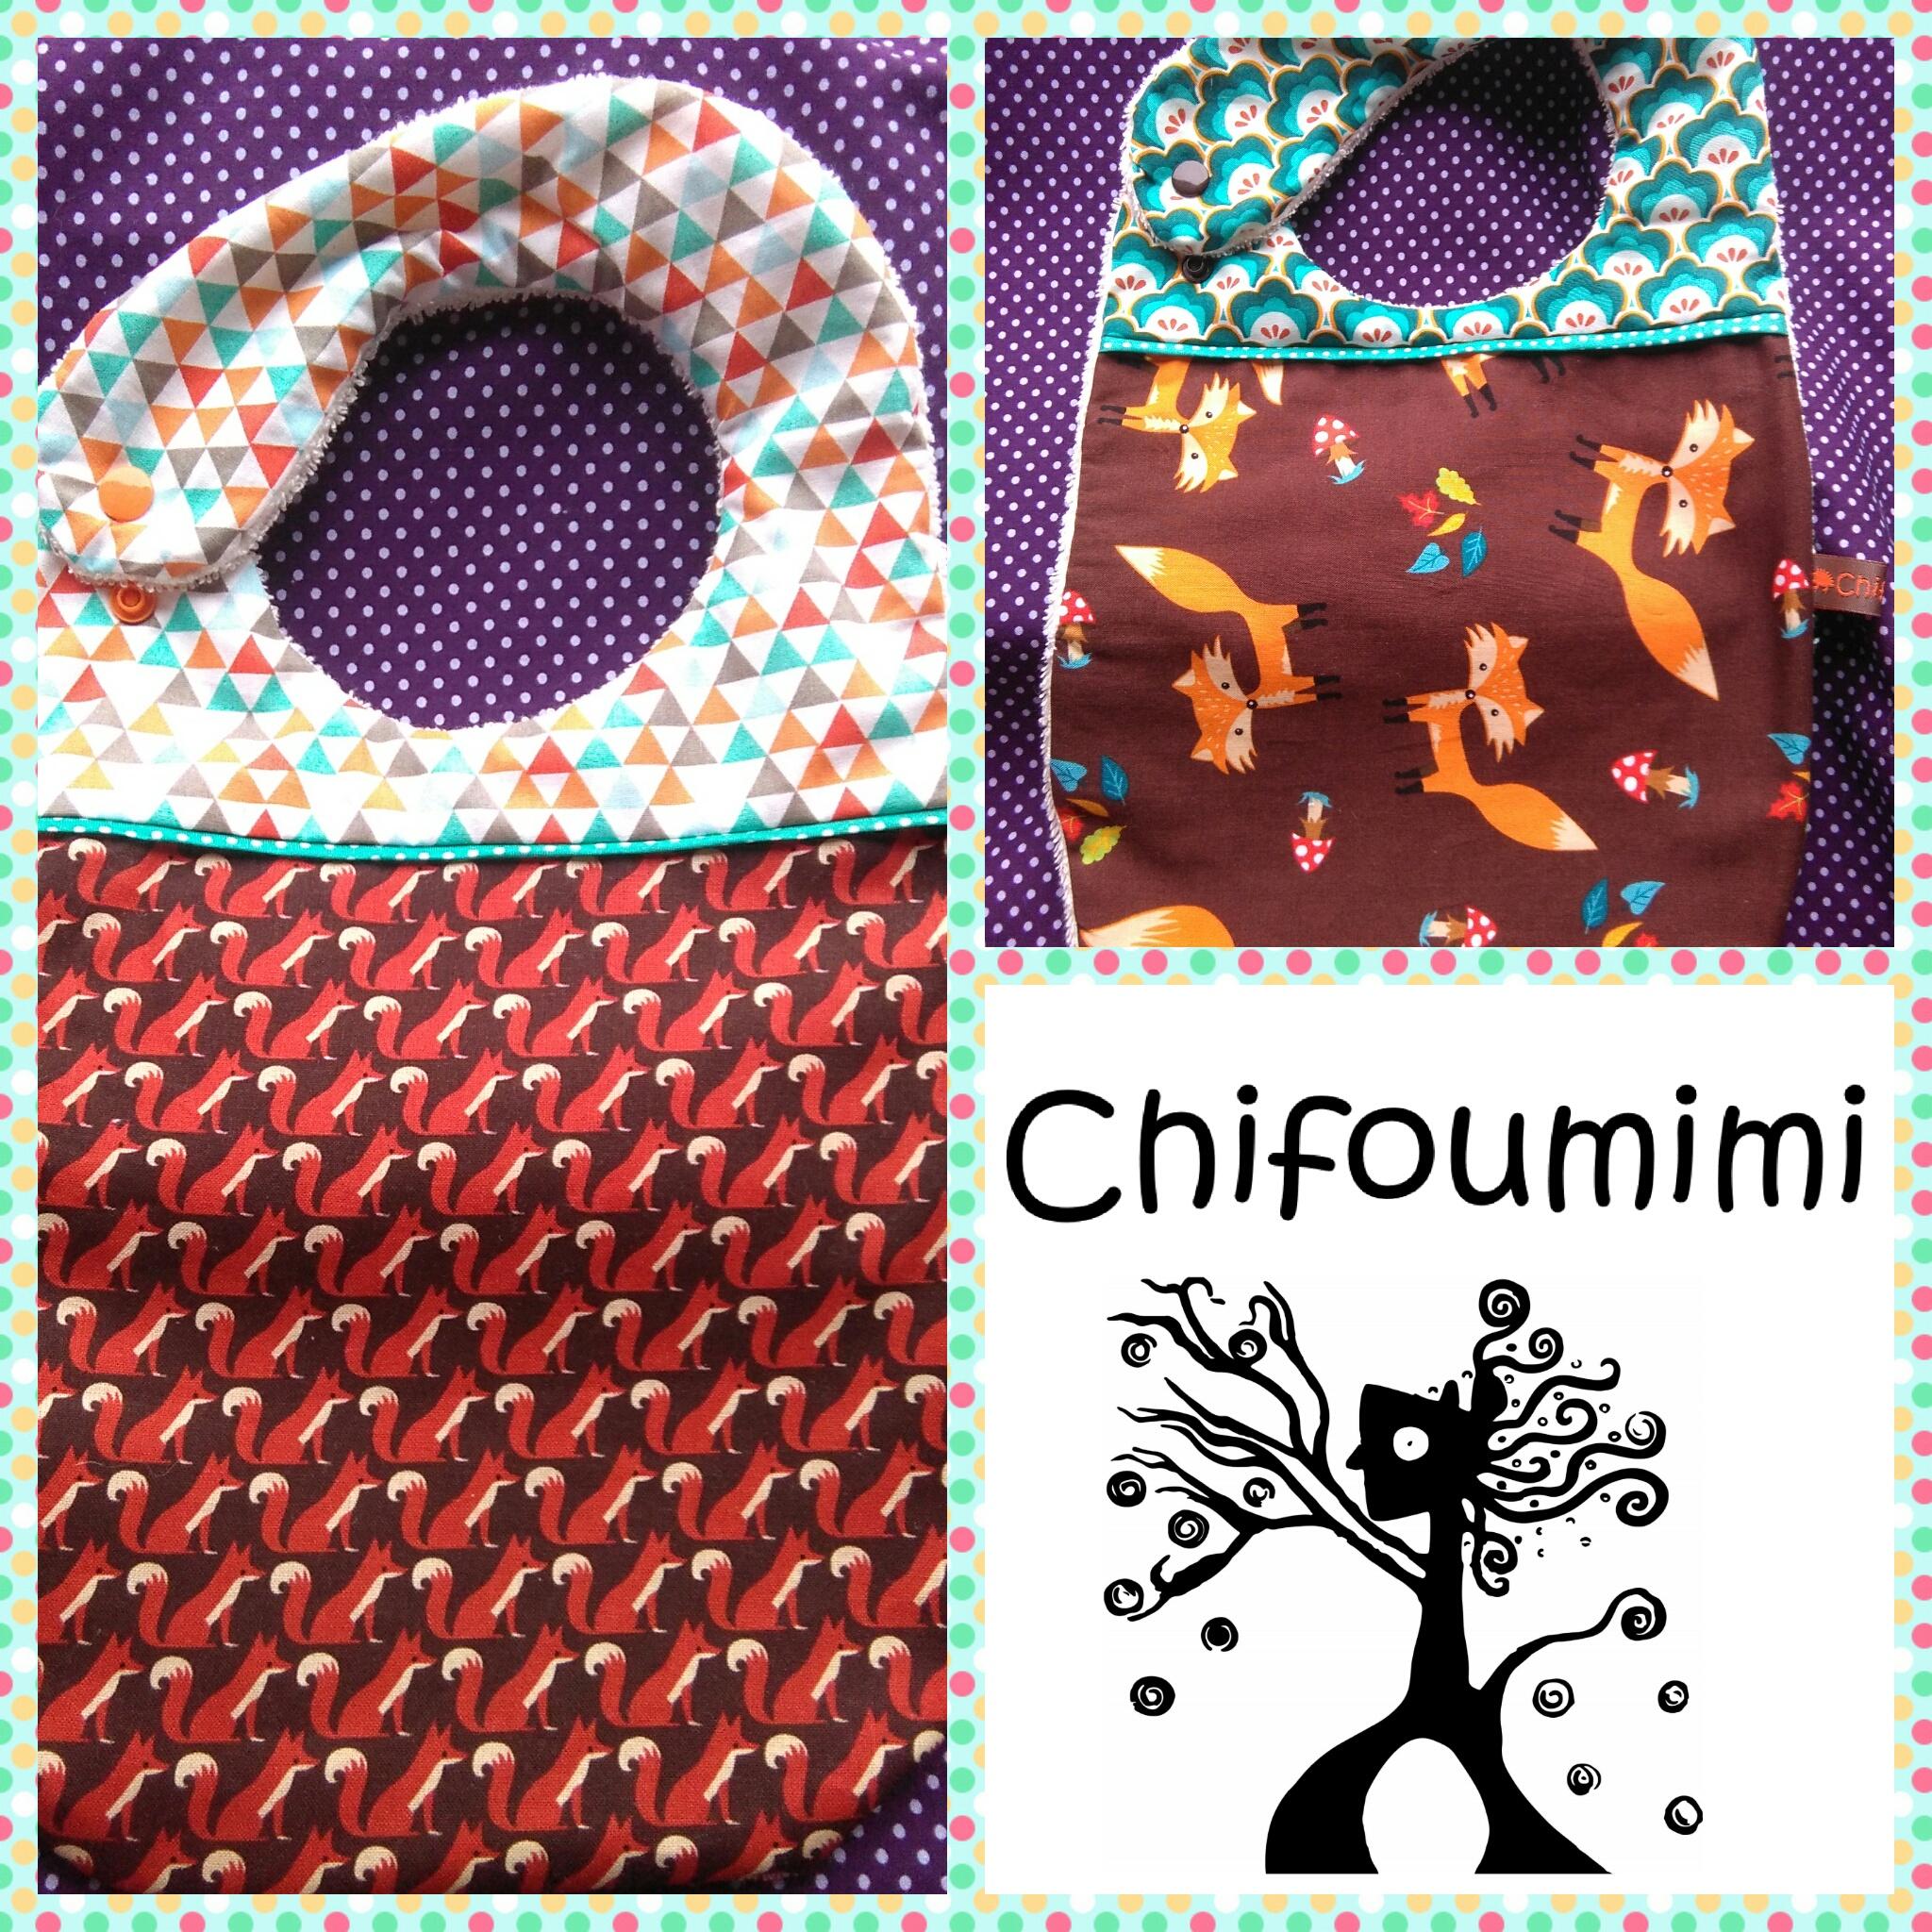 Chifoumimi